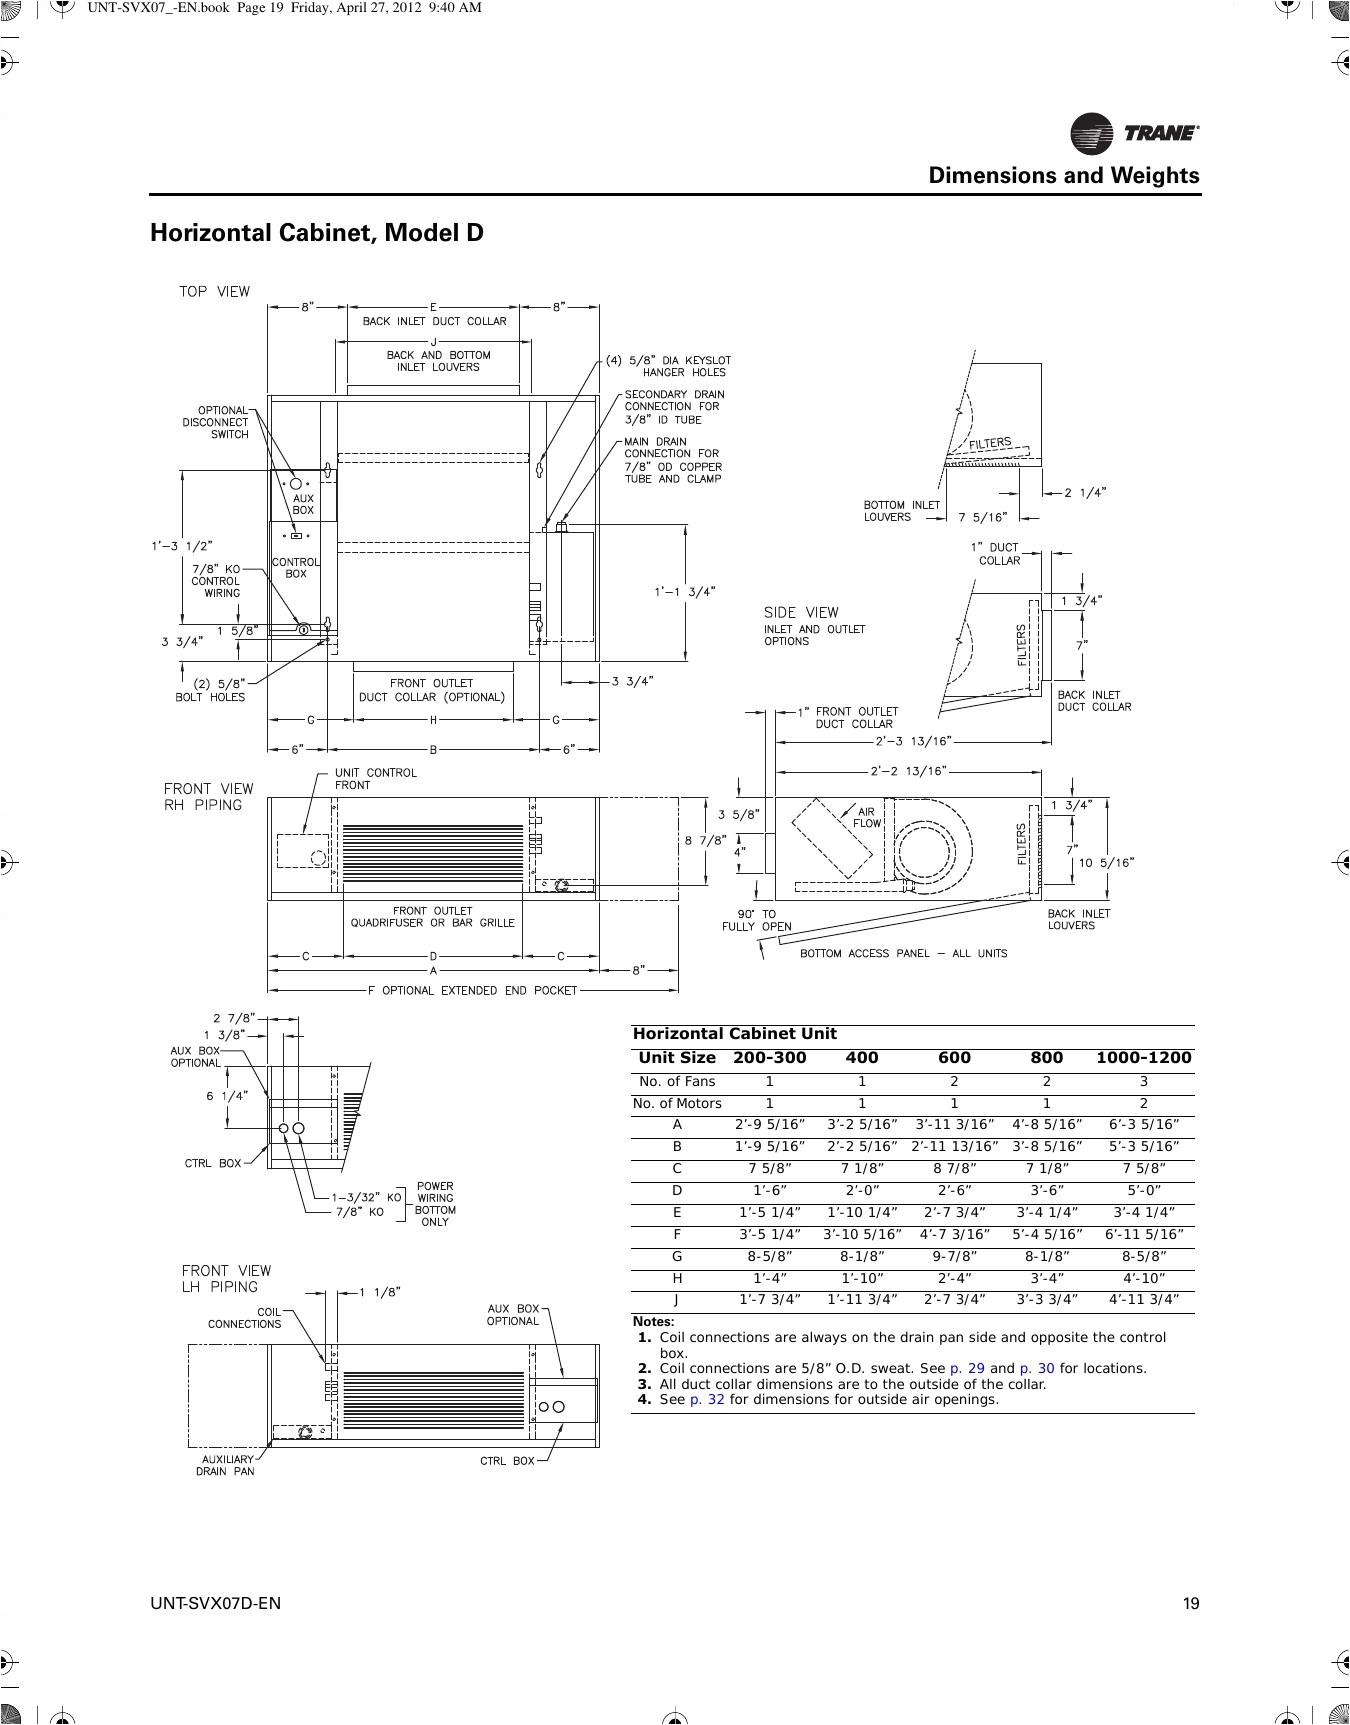 2014 maycar wiring diagram page 202 9 17 castlefans de u2022 2014 maycar wiring diagram page 60